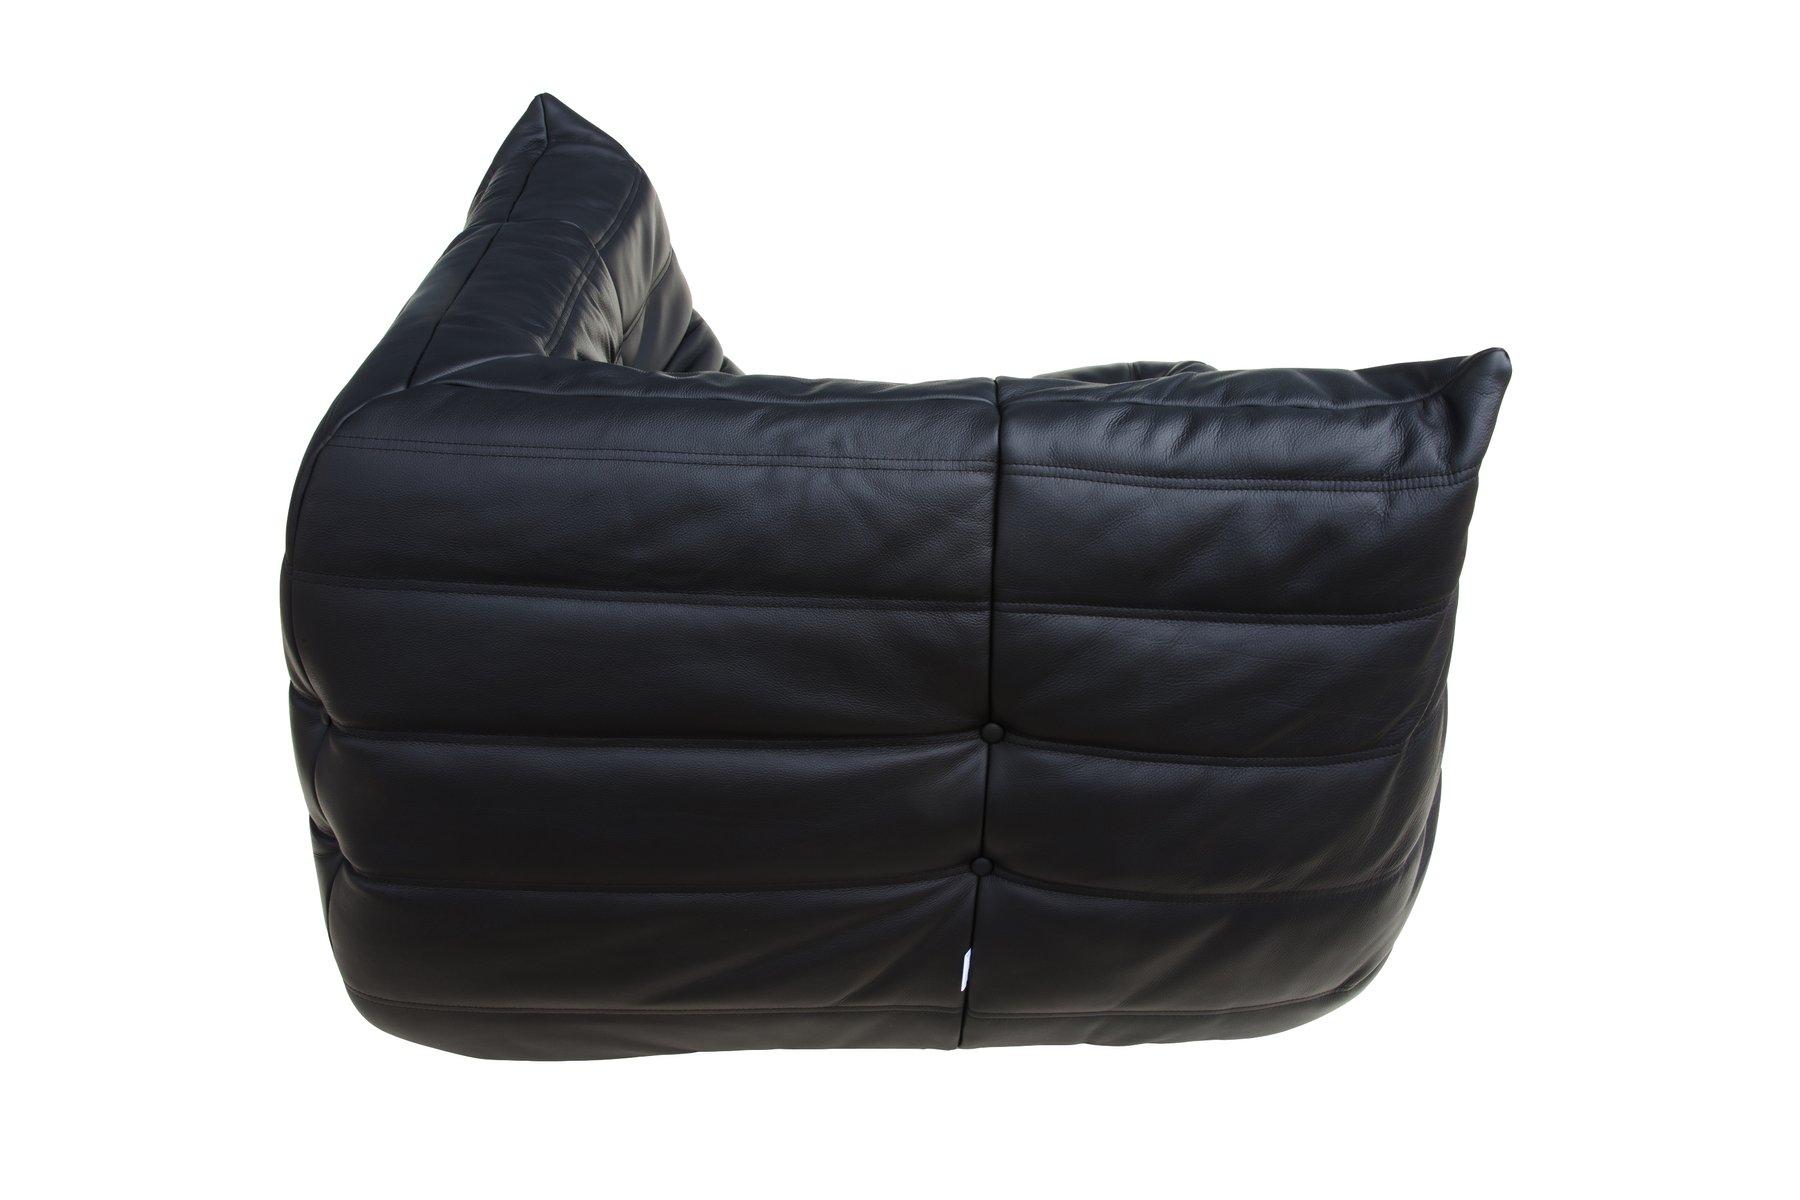 set de canap togo noir en cuir par michel ducaroy pour ligne roset 1974 en vente sur pamono. Black Bedroom Furniture Sets. Home Design Ideas